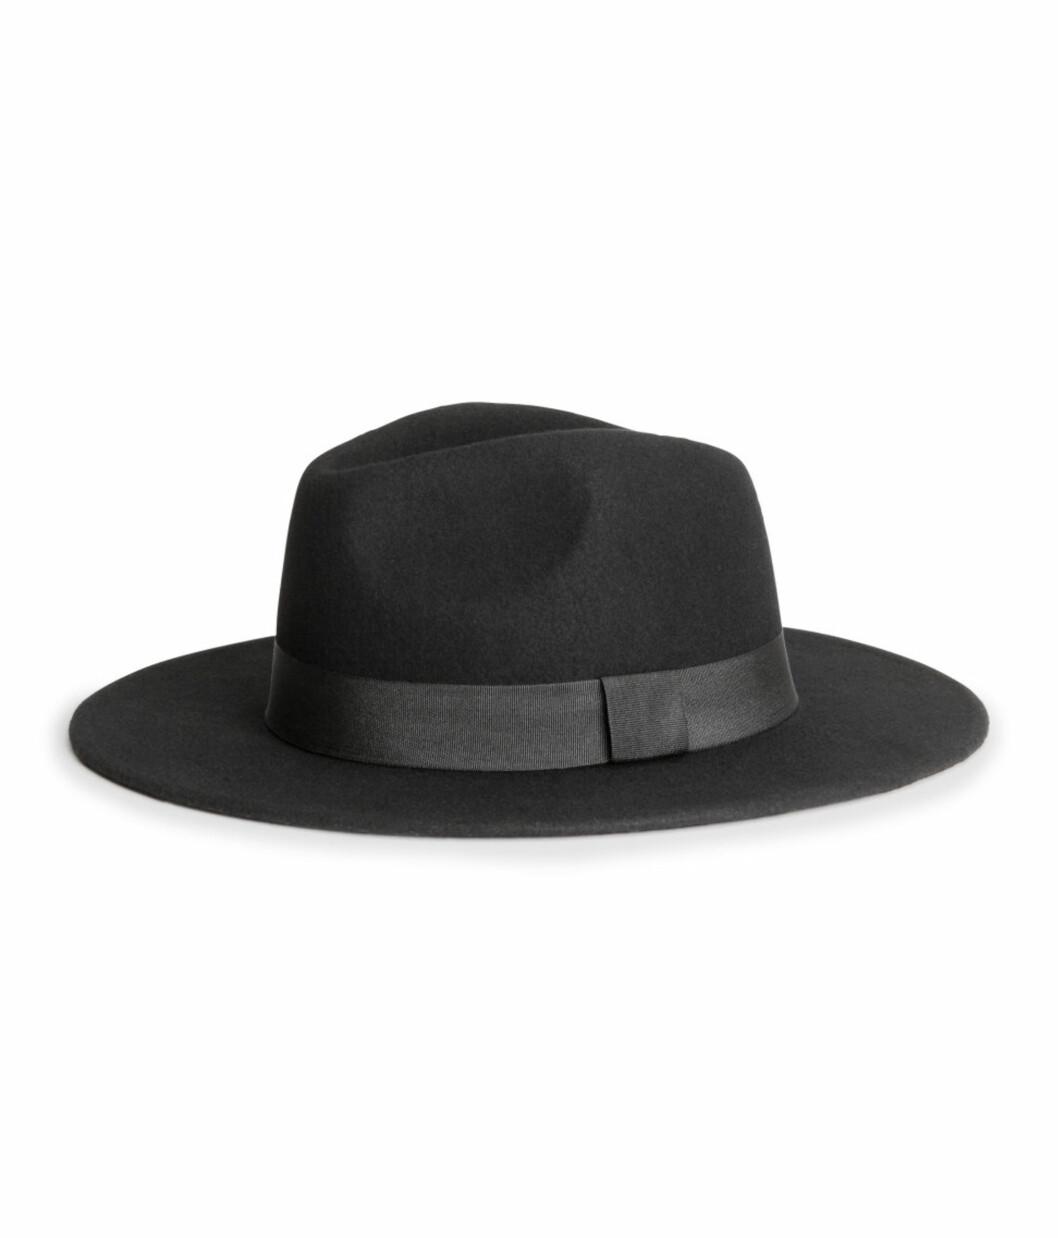 Hatt fra H&M, 179 kr. Foto: Produsenten.